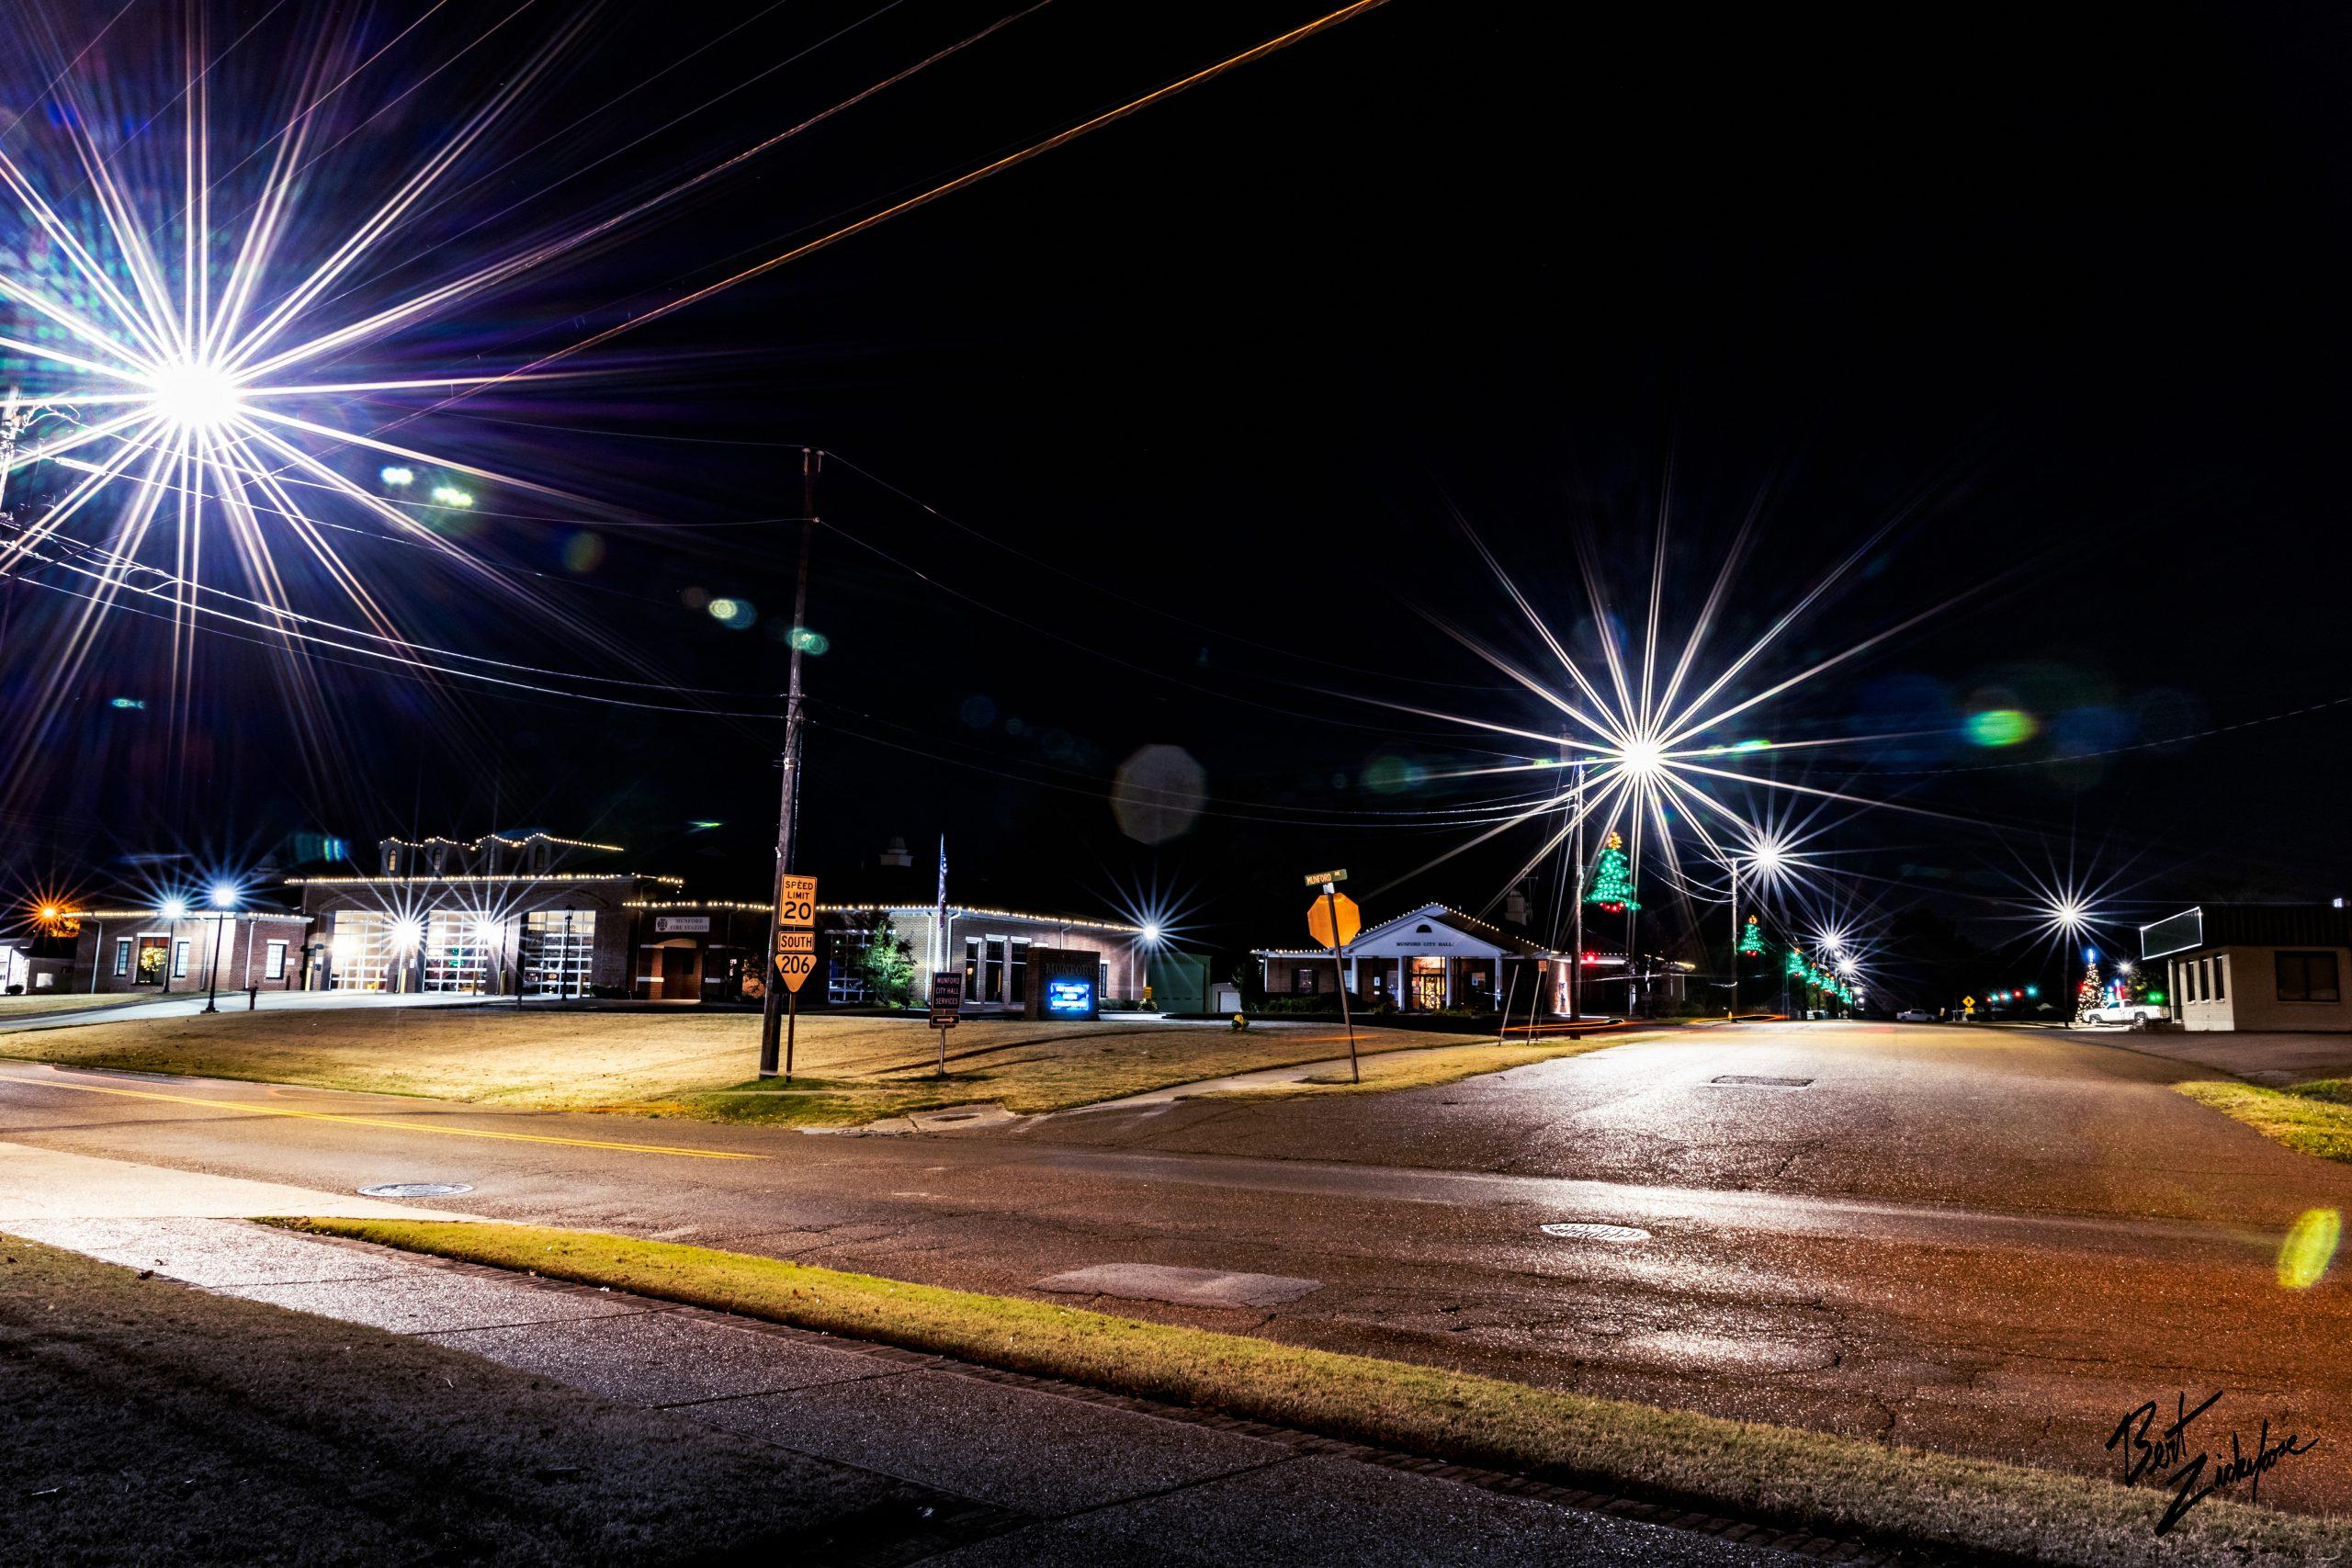 Munford at night